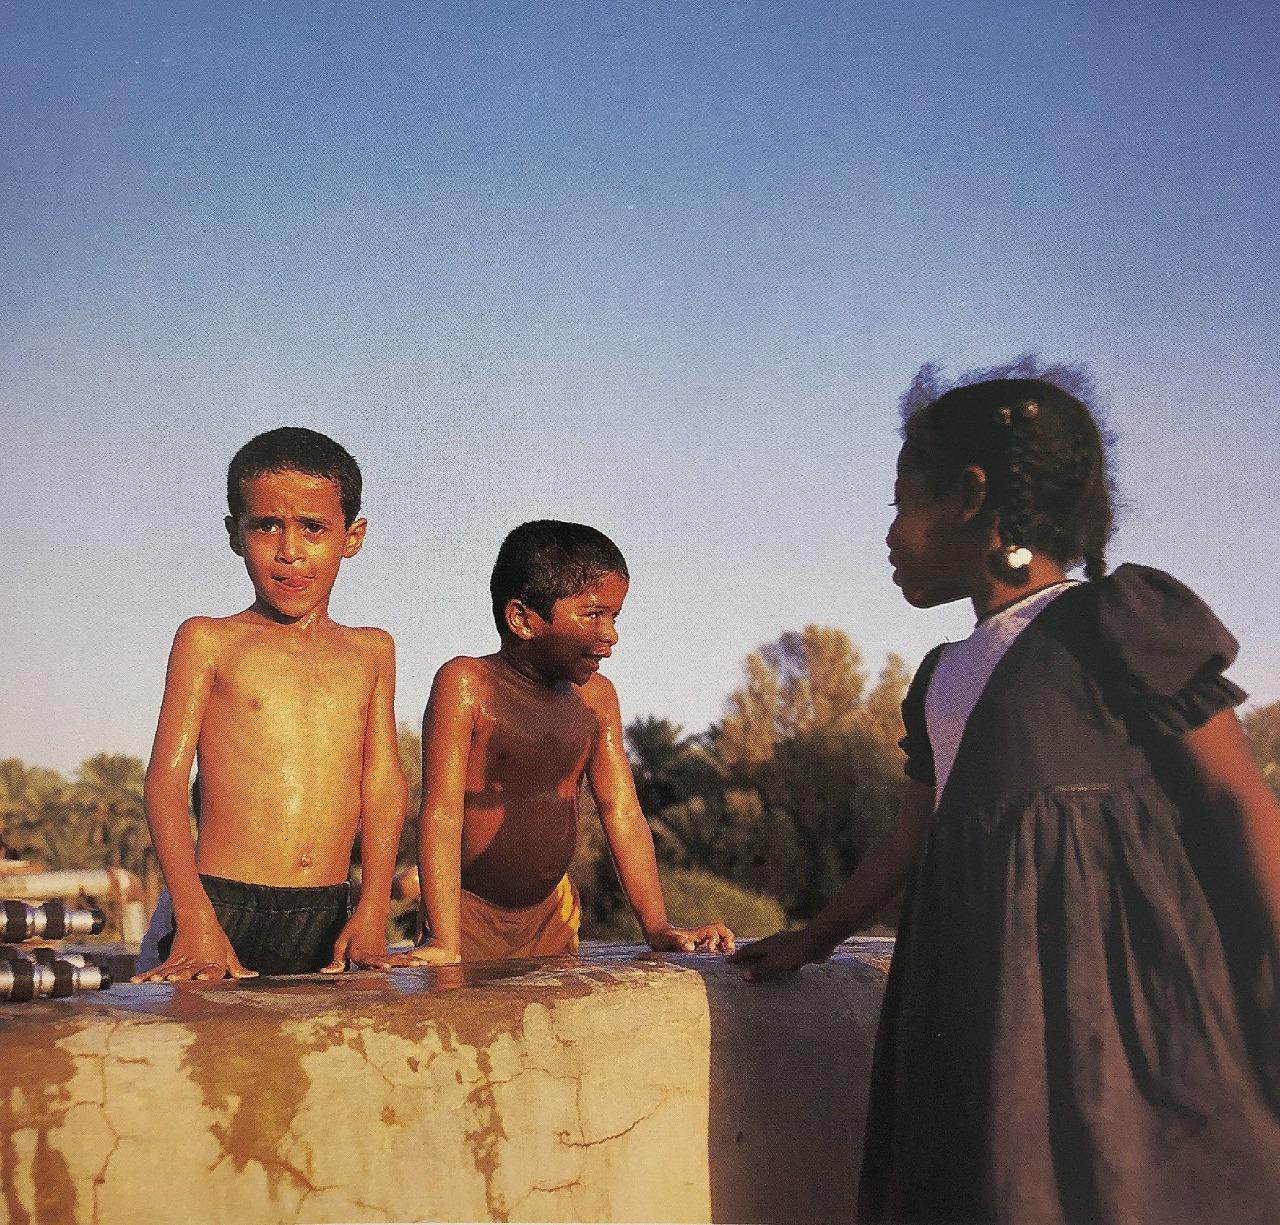 أطفال يسبحون بإحدى المزارع قرب الرياض عام 1411هـ